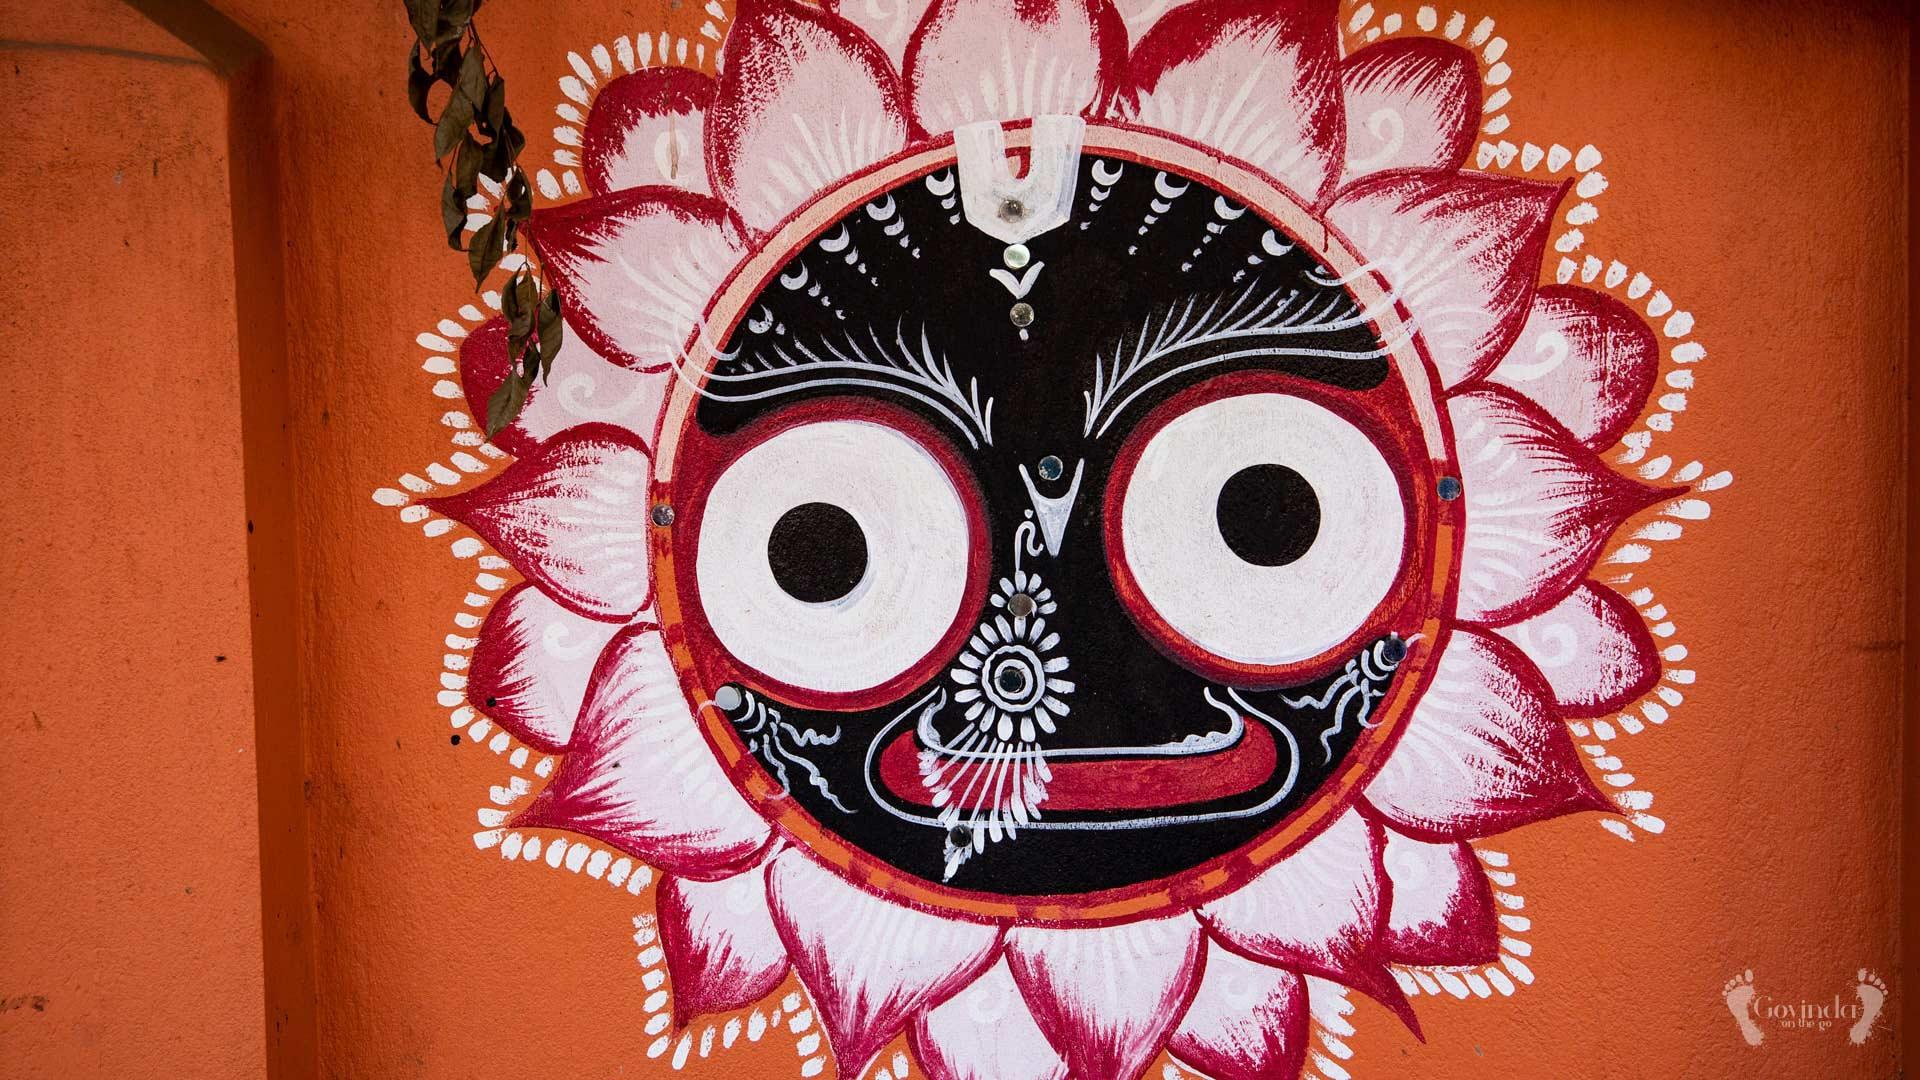 Jaganath wall painting in Bhubaneshwar